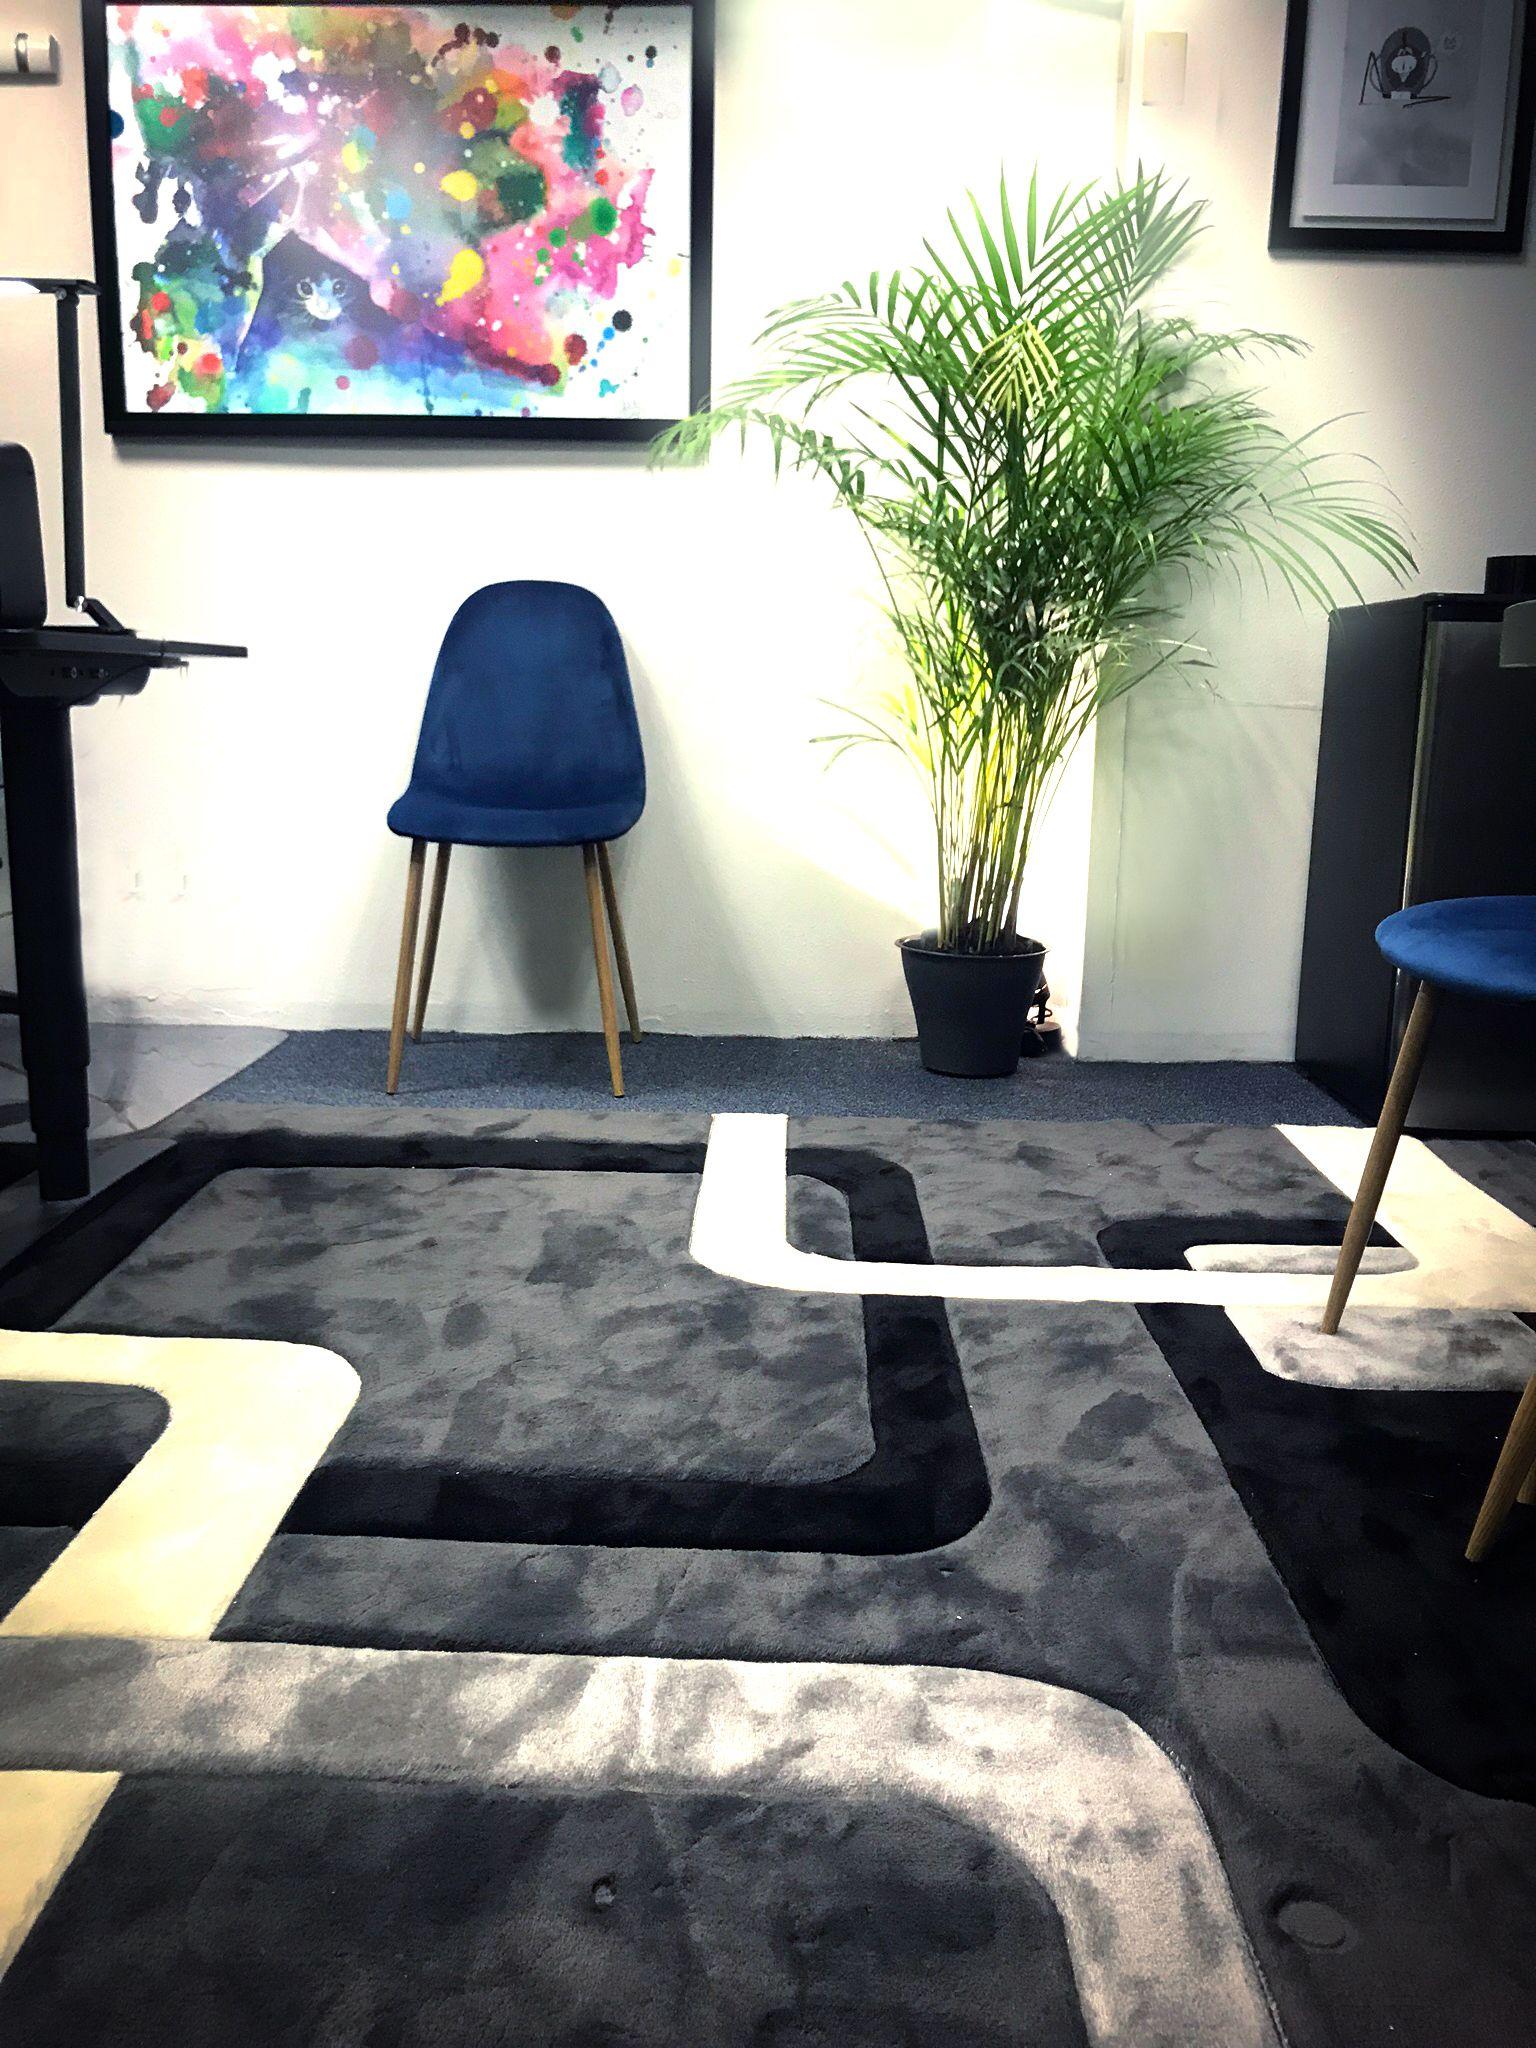 diseño de interiores diseño de interiores oficina diseño de ...